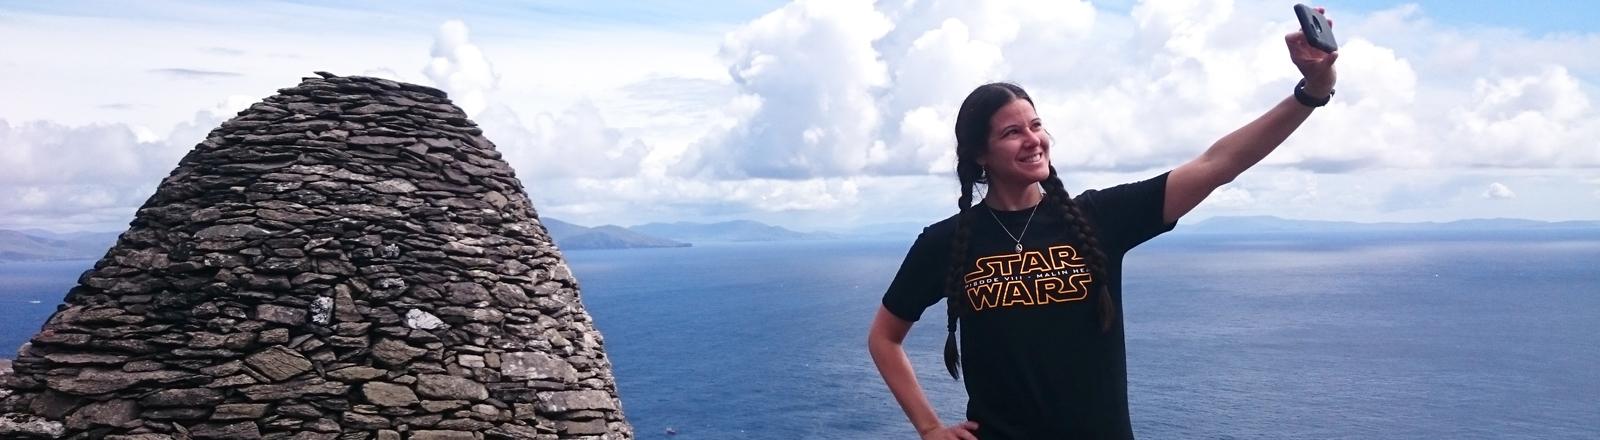 Frau posiert auf einer Insel